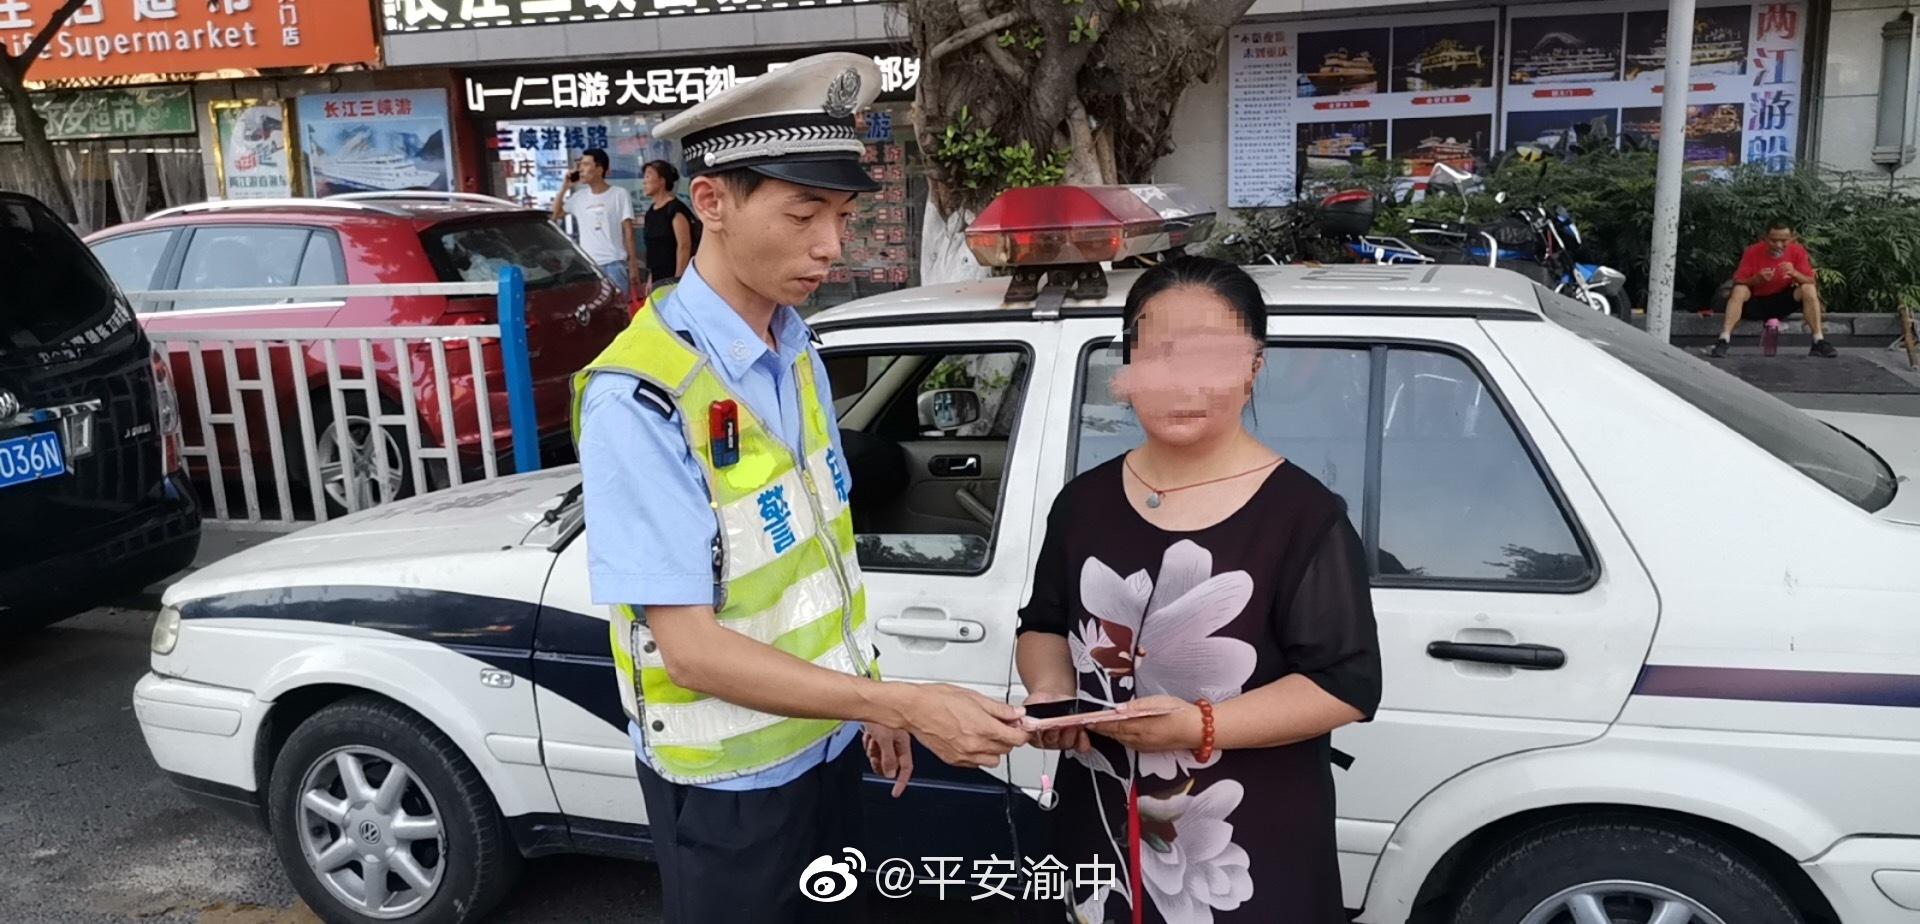 民警巡逻拾捡手机 及时归还失主获赞许